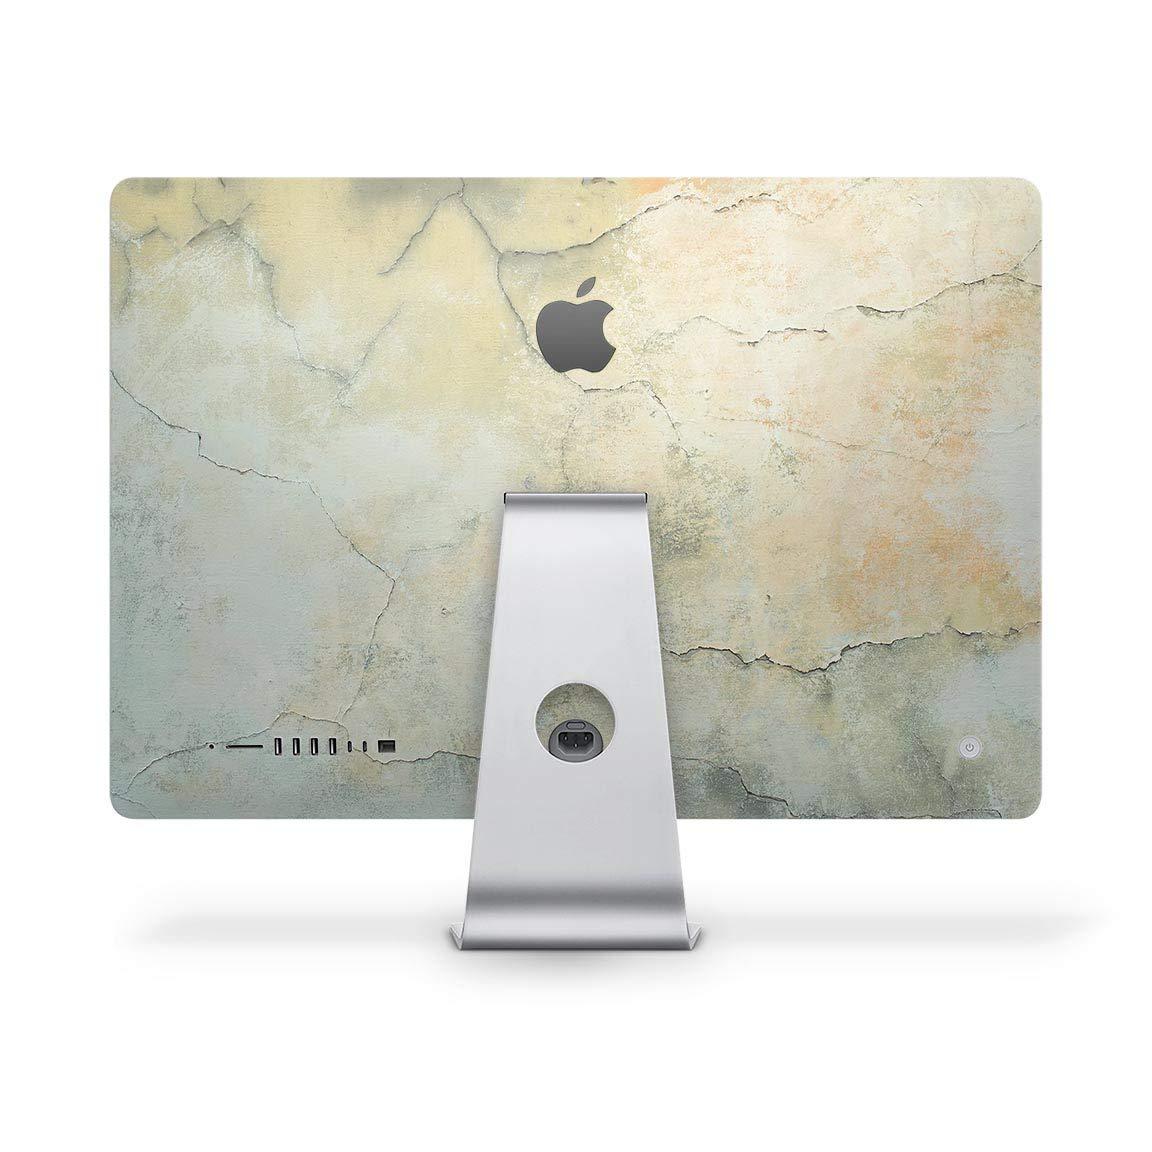 素朴なひび割れ模様の表面 V3デザイン Skinz フルボディキット 27インチ iMac 5k A1419 デスクトップコンピュータモニターケース&スタンド用 - プレミアム3Mビニールデカールラップカバー   B07P7KFLR8